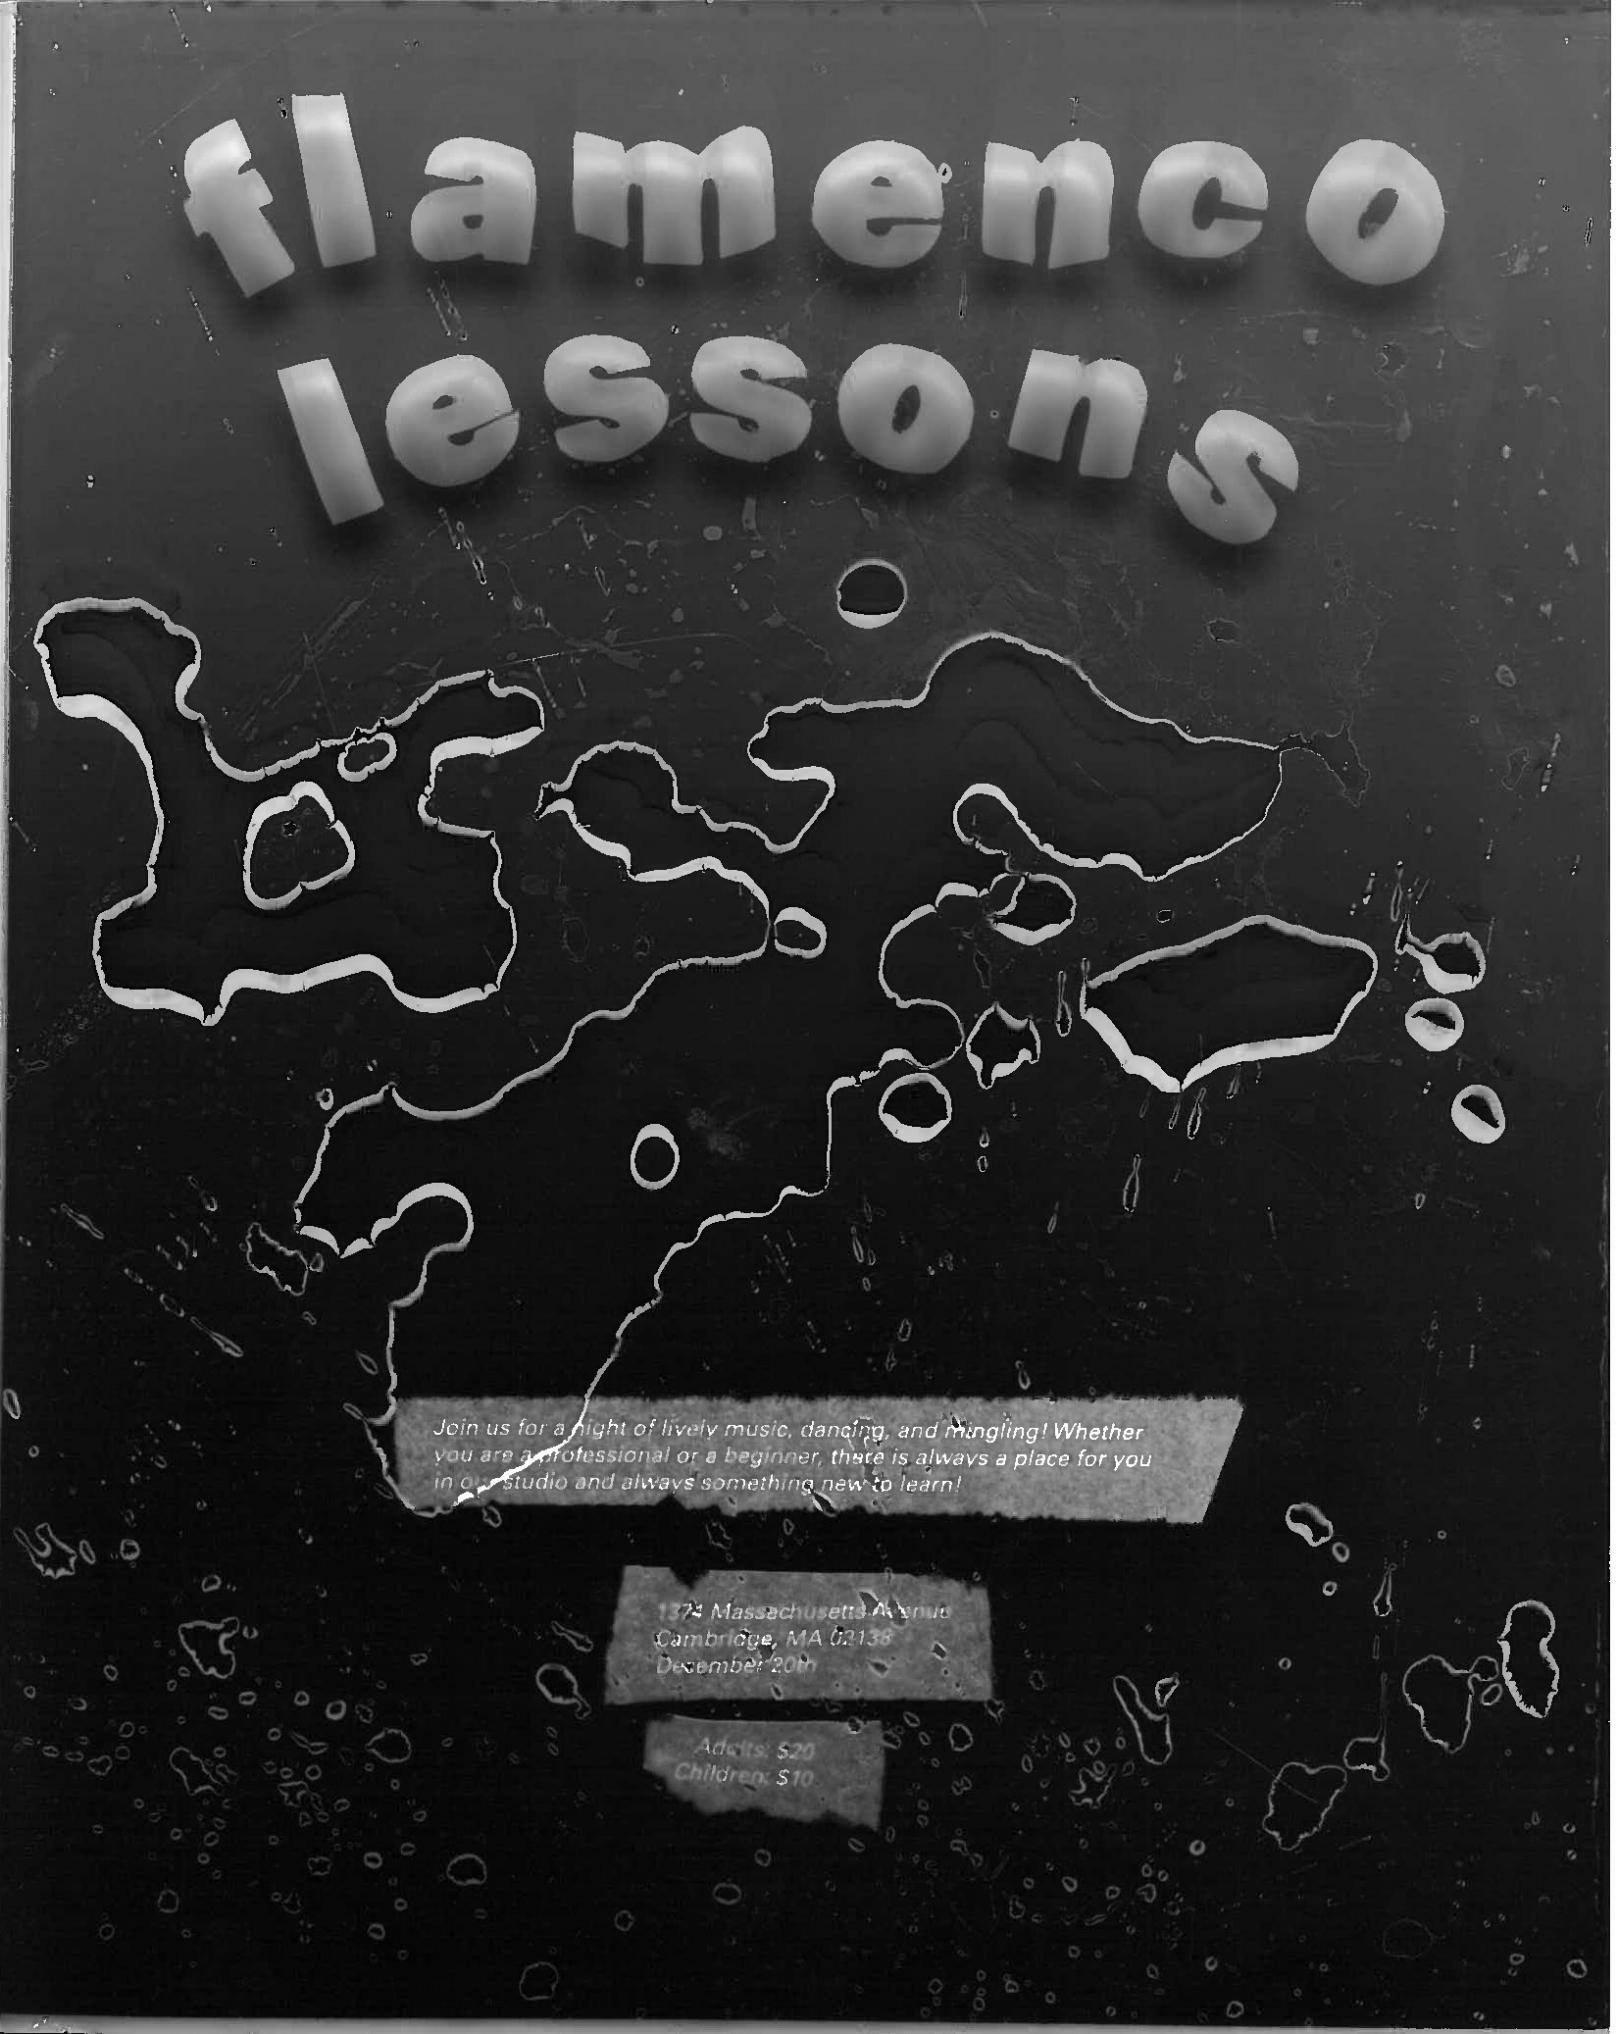 Flamenco Lessons.jpg